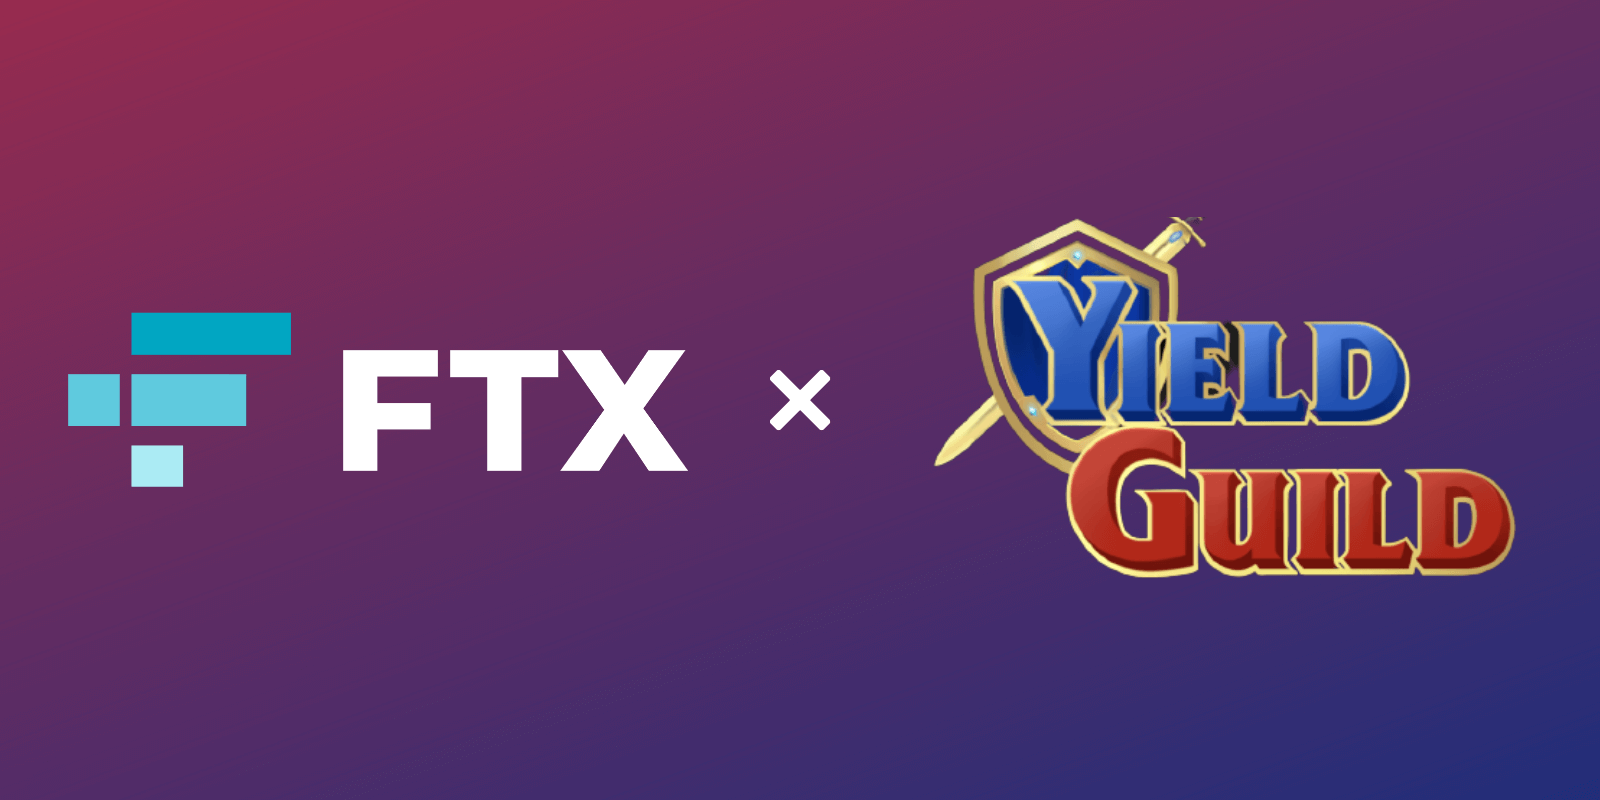 FTX signe un partenariat avec Yield Guild Games (YGG) concernant le jeu Axie Infinity (AXS)